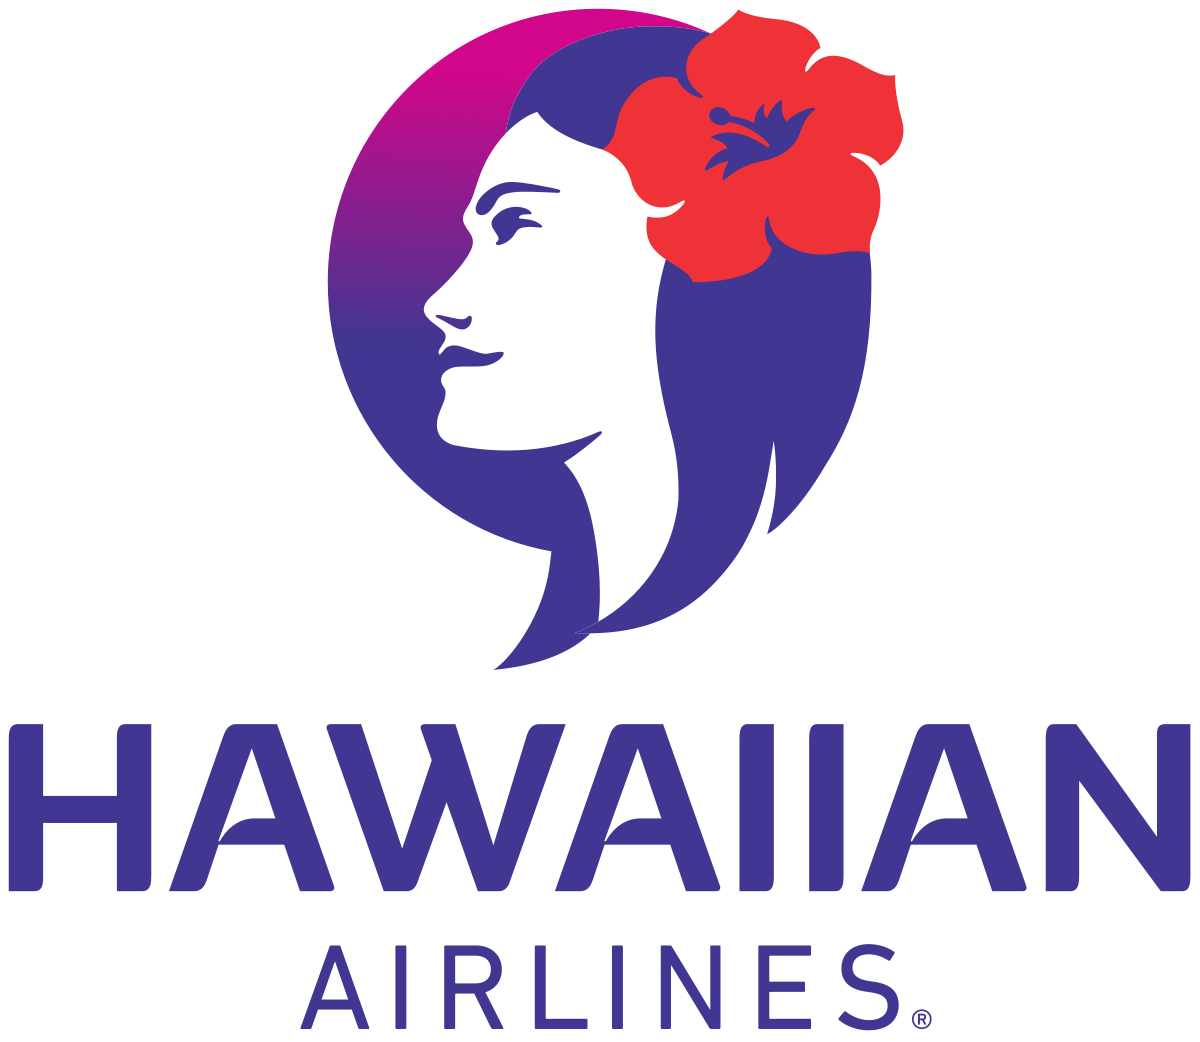 Hawaiian Airlines Logo